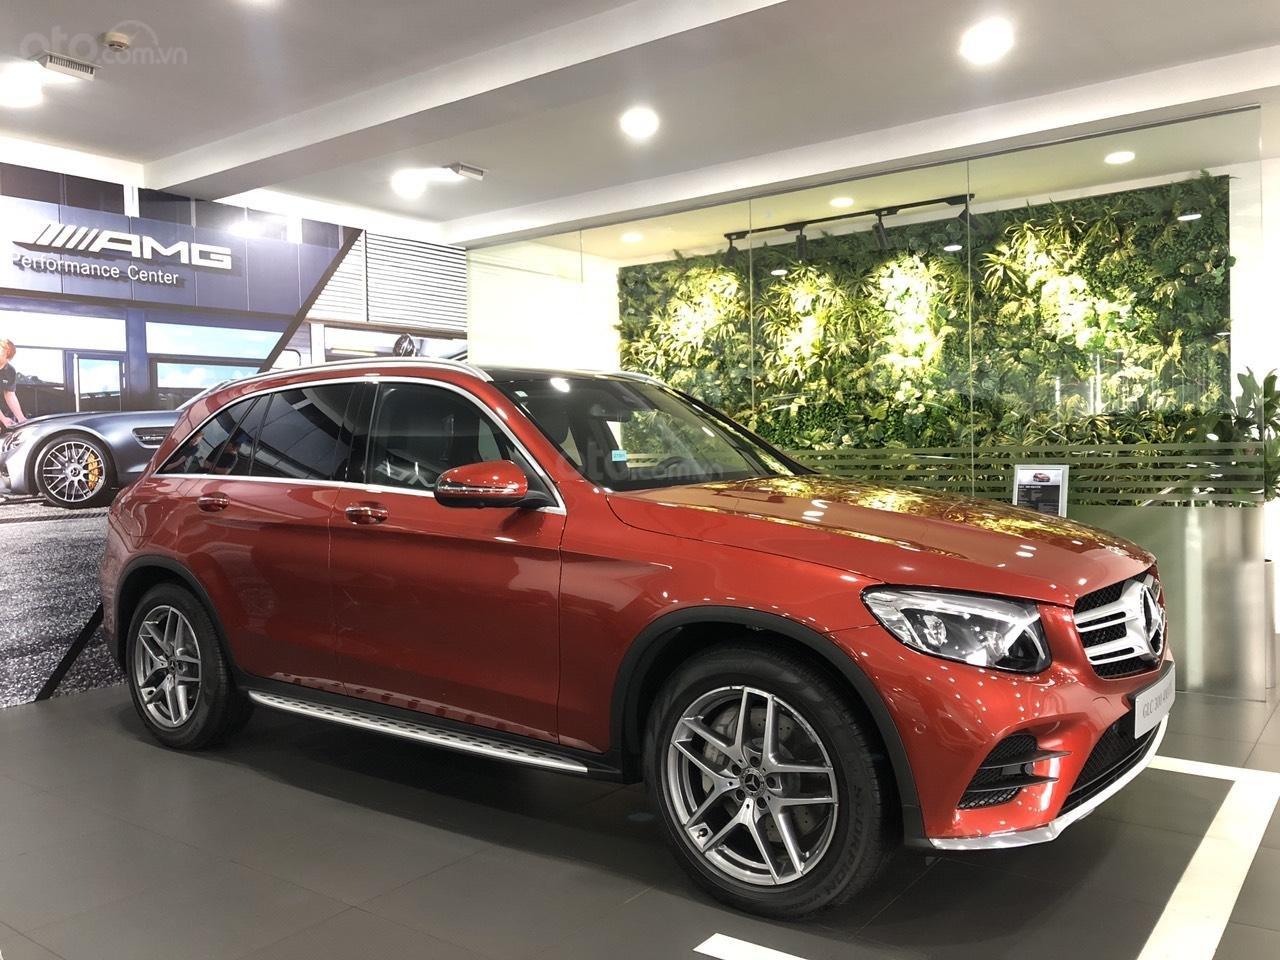 Cần bán nhanh chiếc Mercedes GLC - Class 300 AMG, năm 2019 - Có sẵn xe - Giao nhanh toàn quốc (14)